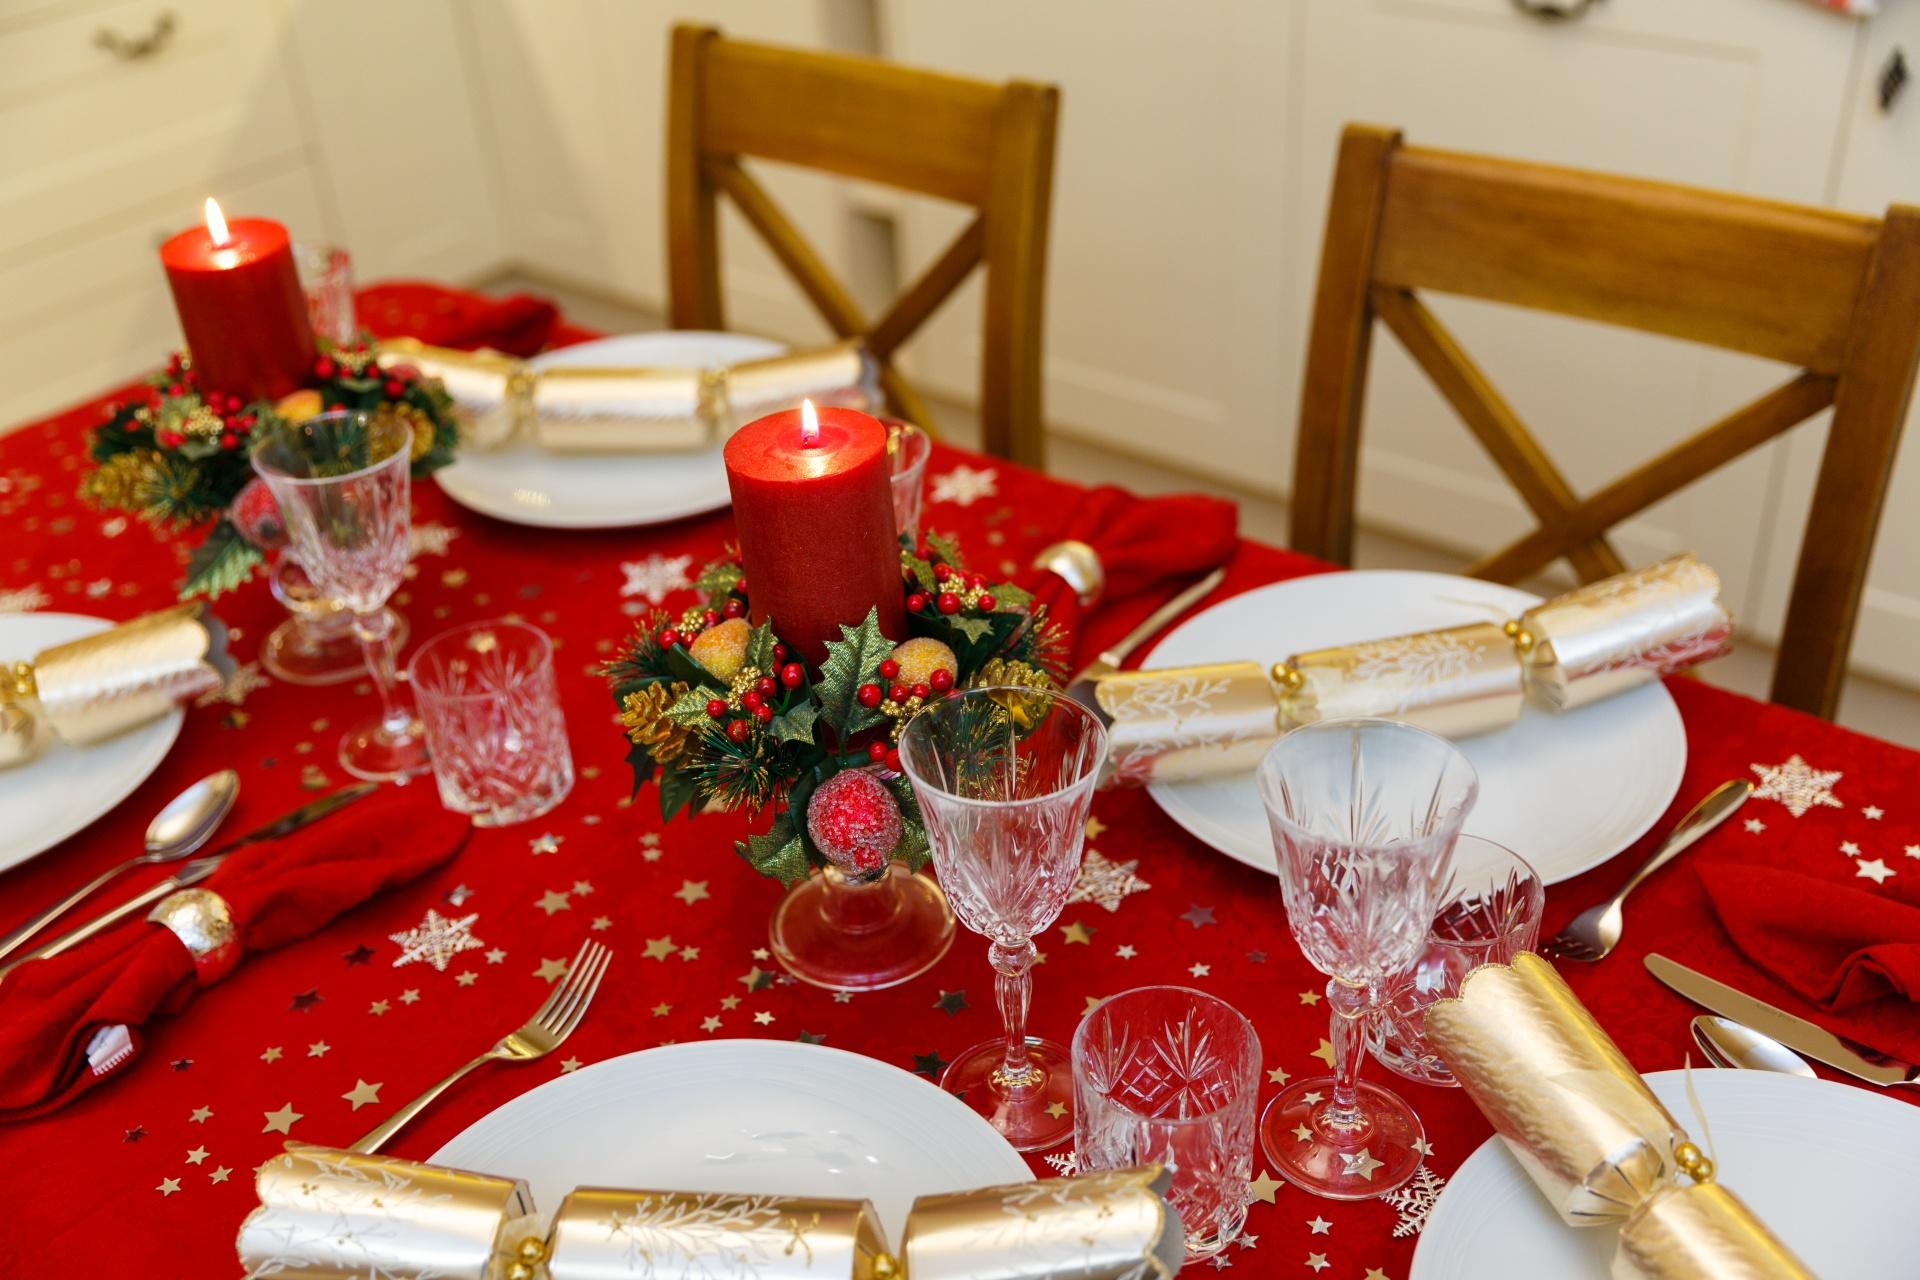 Cena De Navidad En Irlanda Todo Tradición Españoles En Irlanda Vivir En Irlanda Trabajo En Irlanda Alojamiento En Irlanda